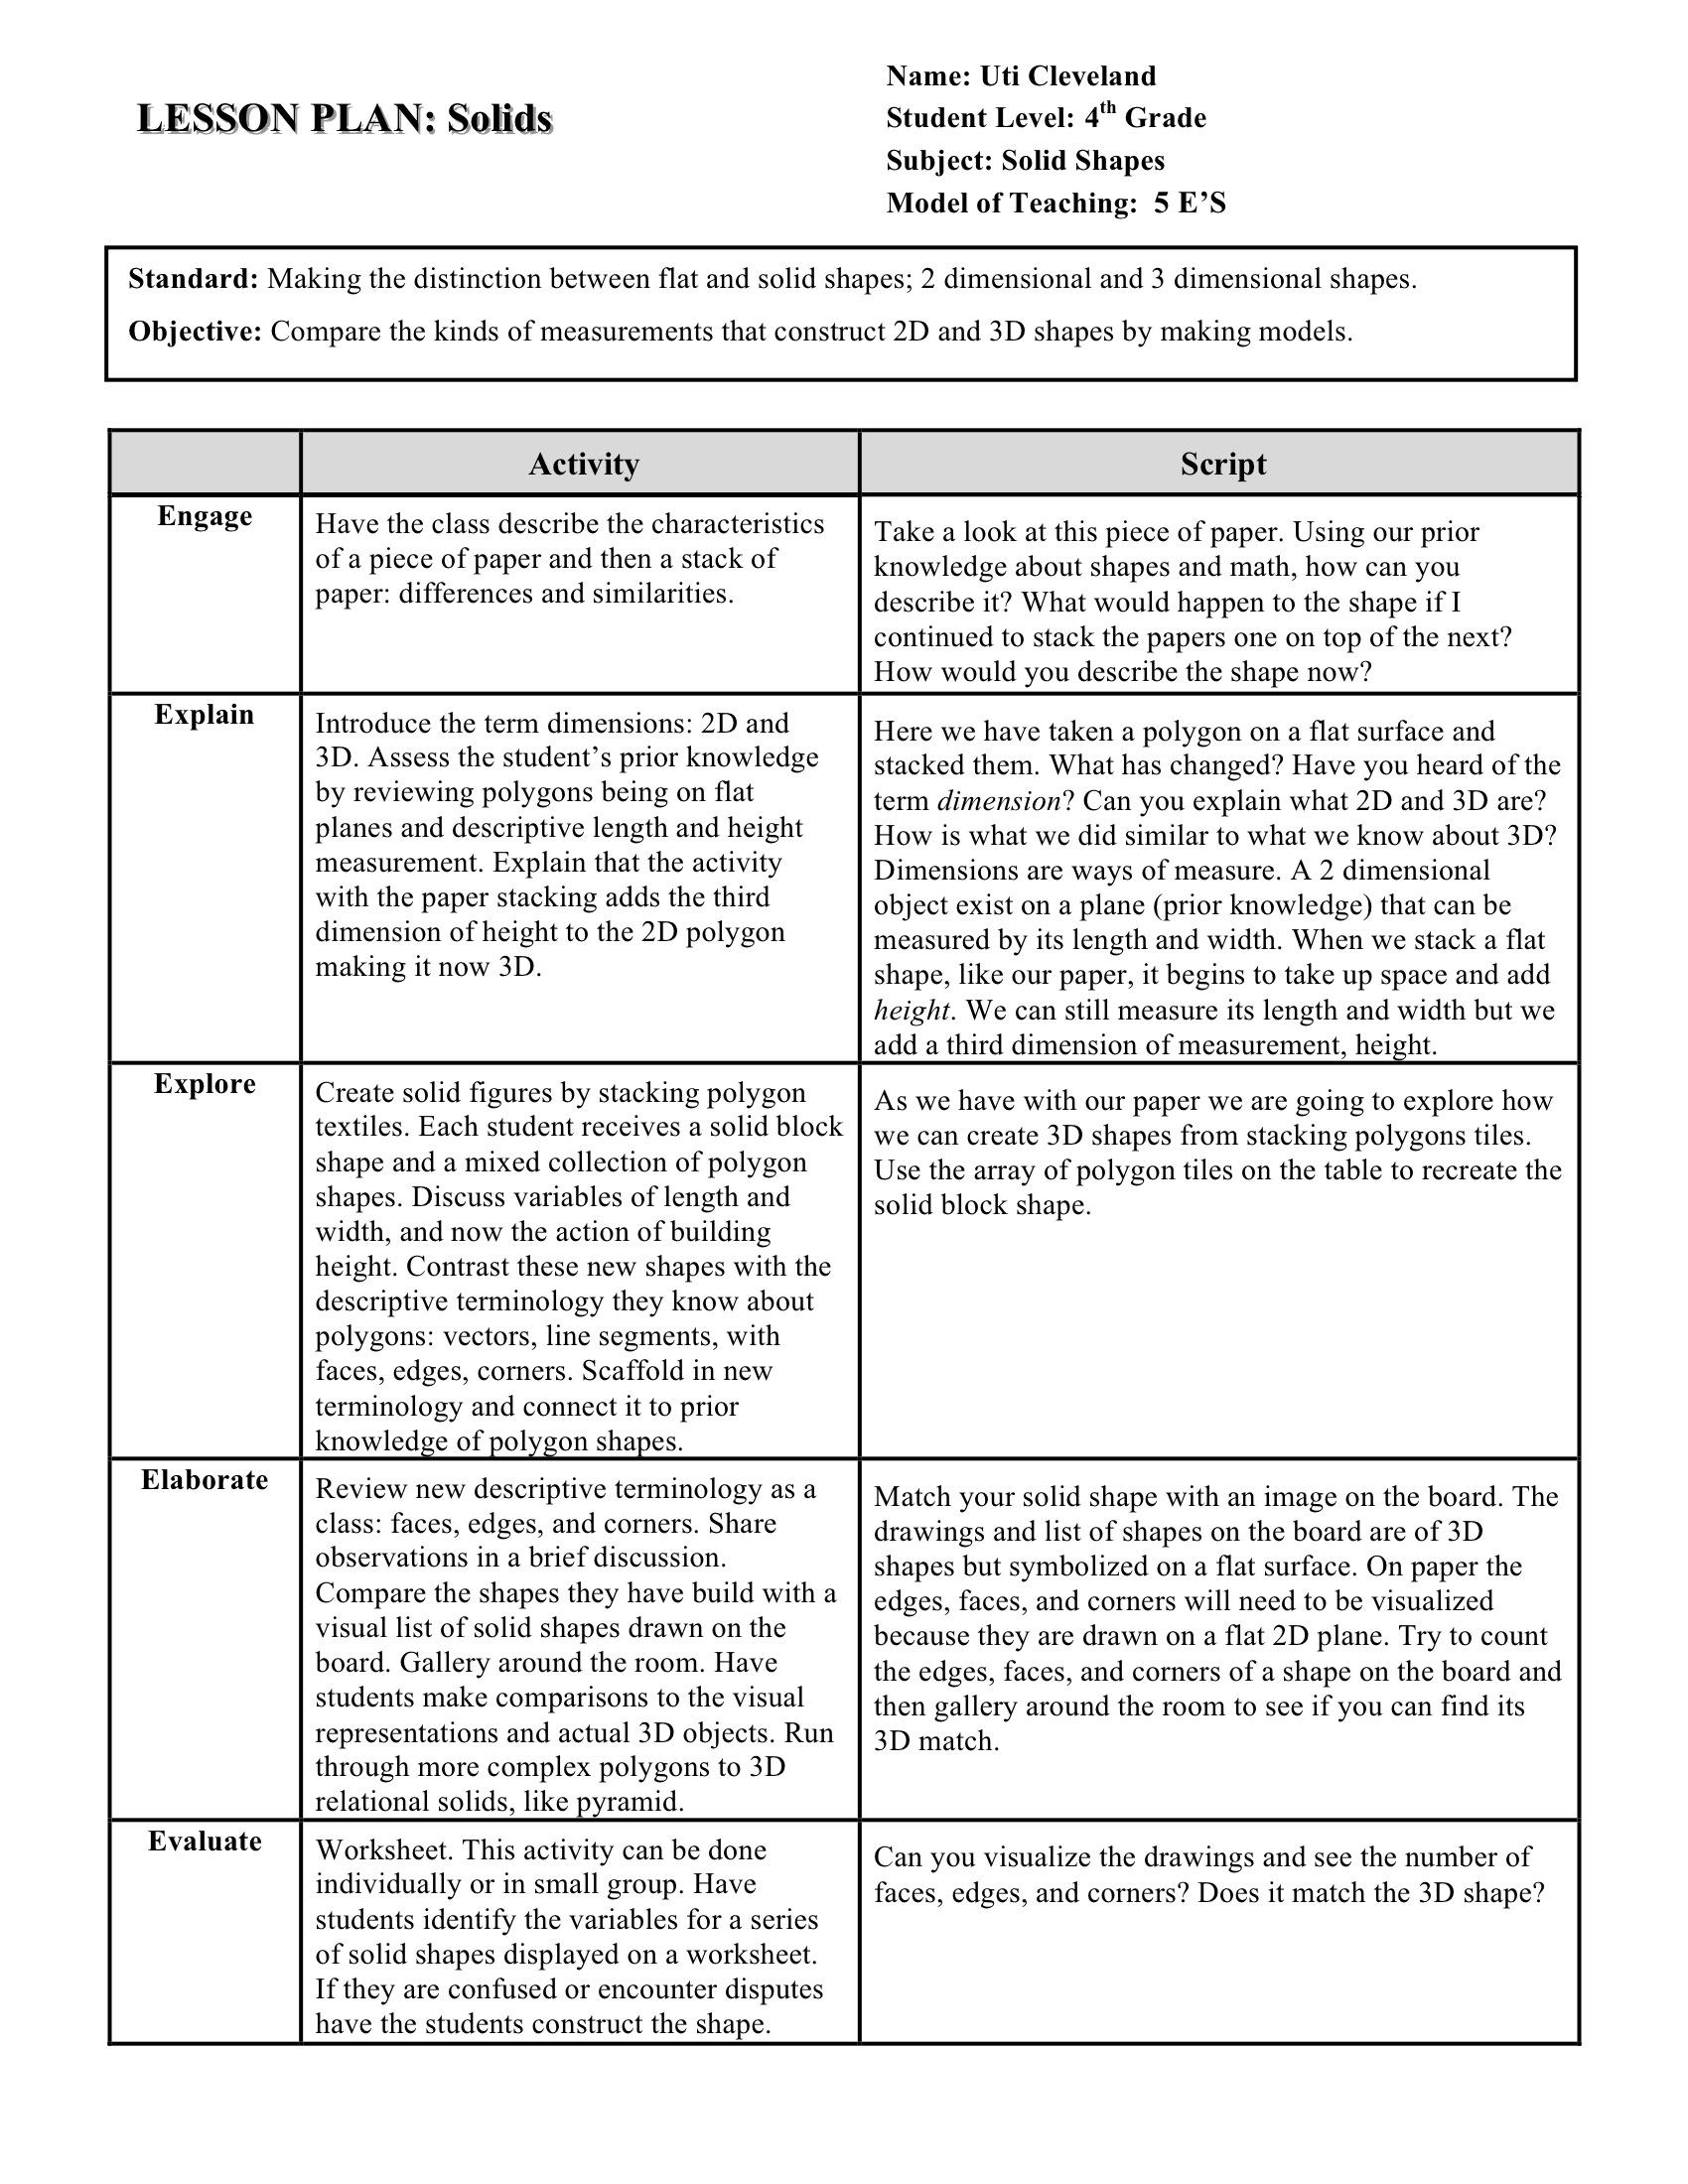 Curriculum Examples